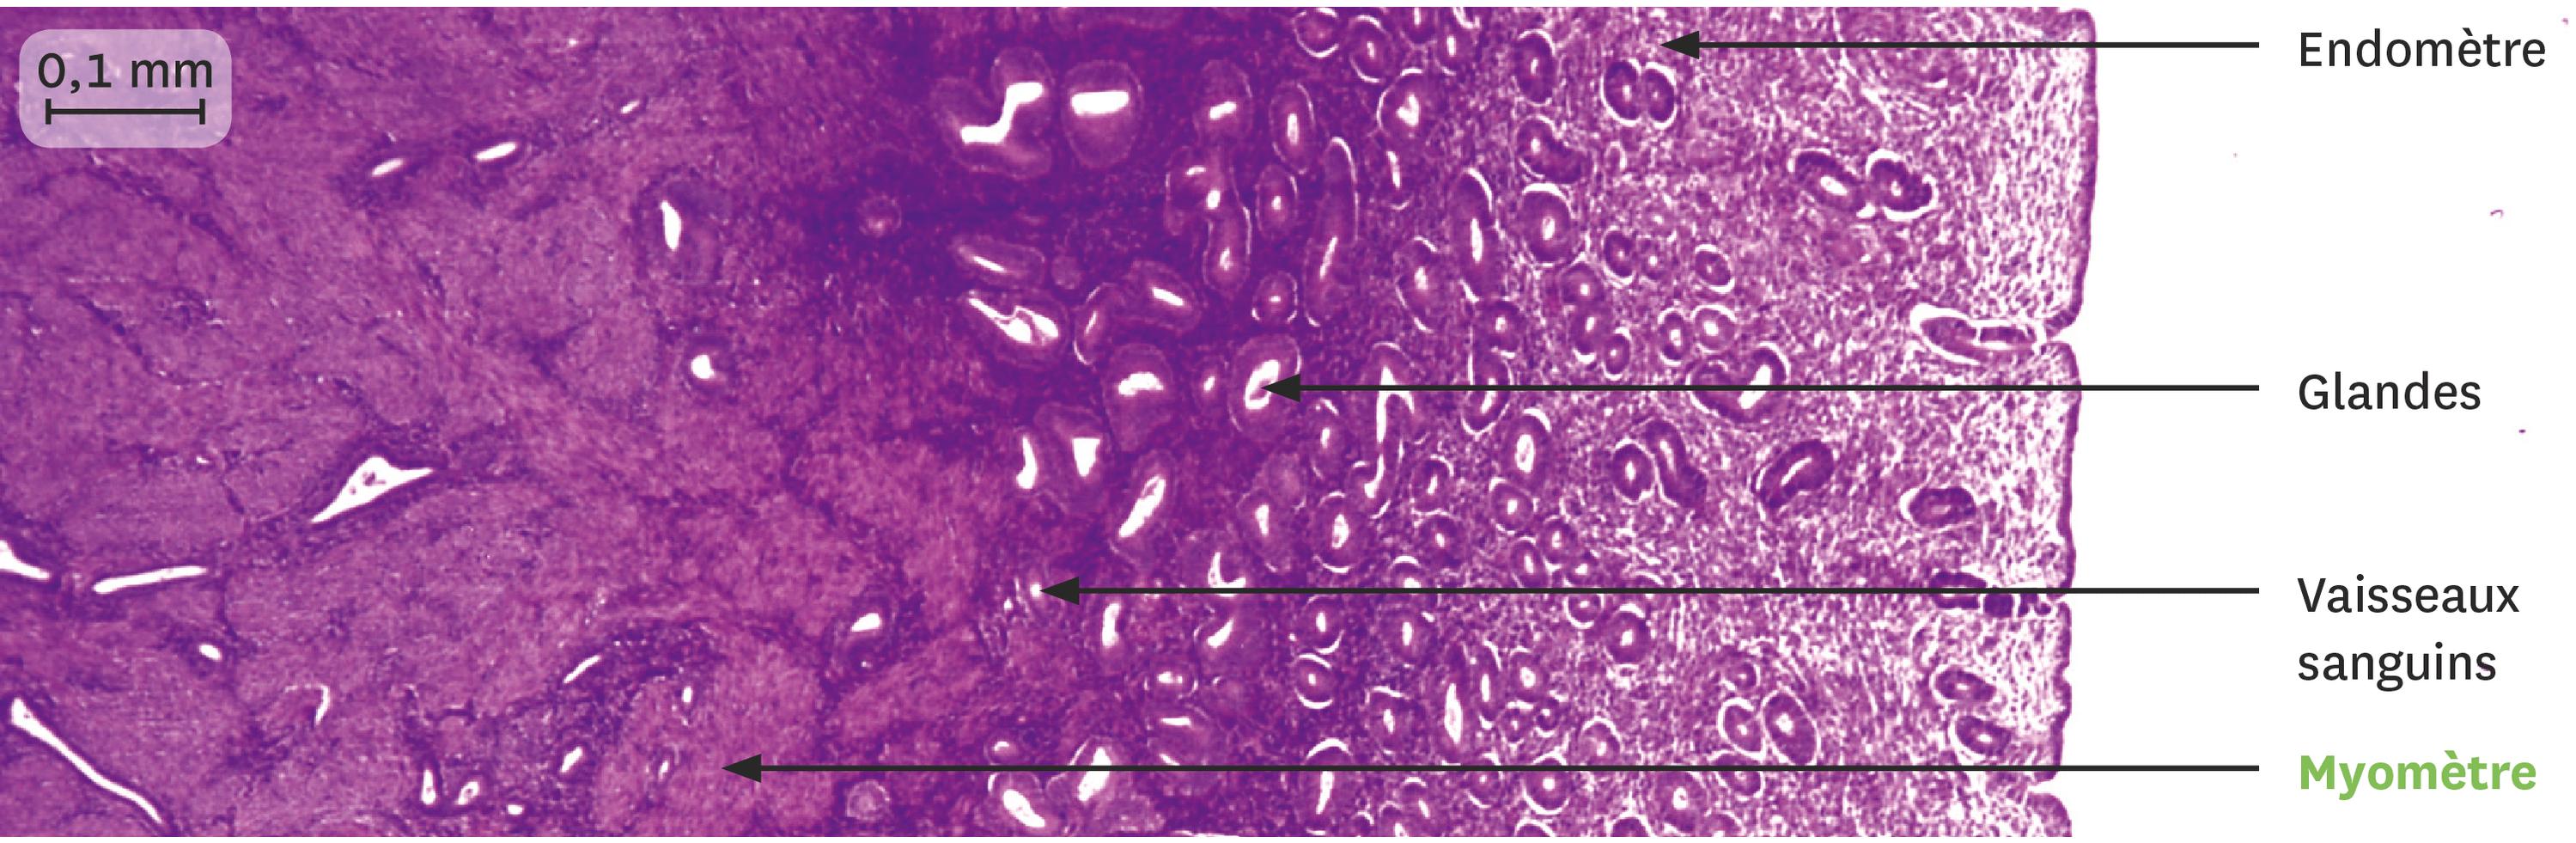 Une coupe de la muqueuse utérine juste après les règles observée au microscope optique.